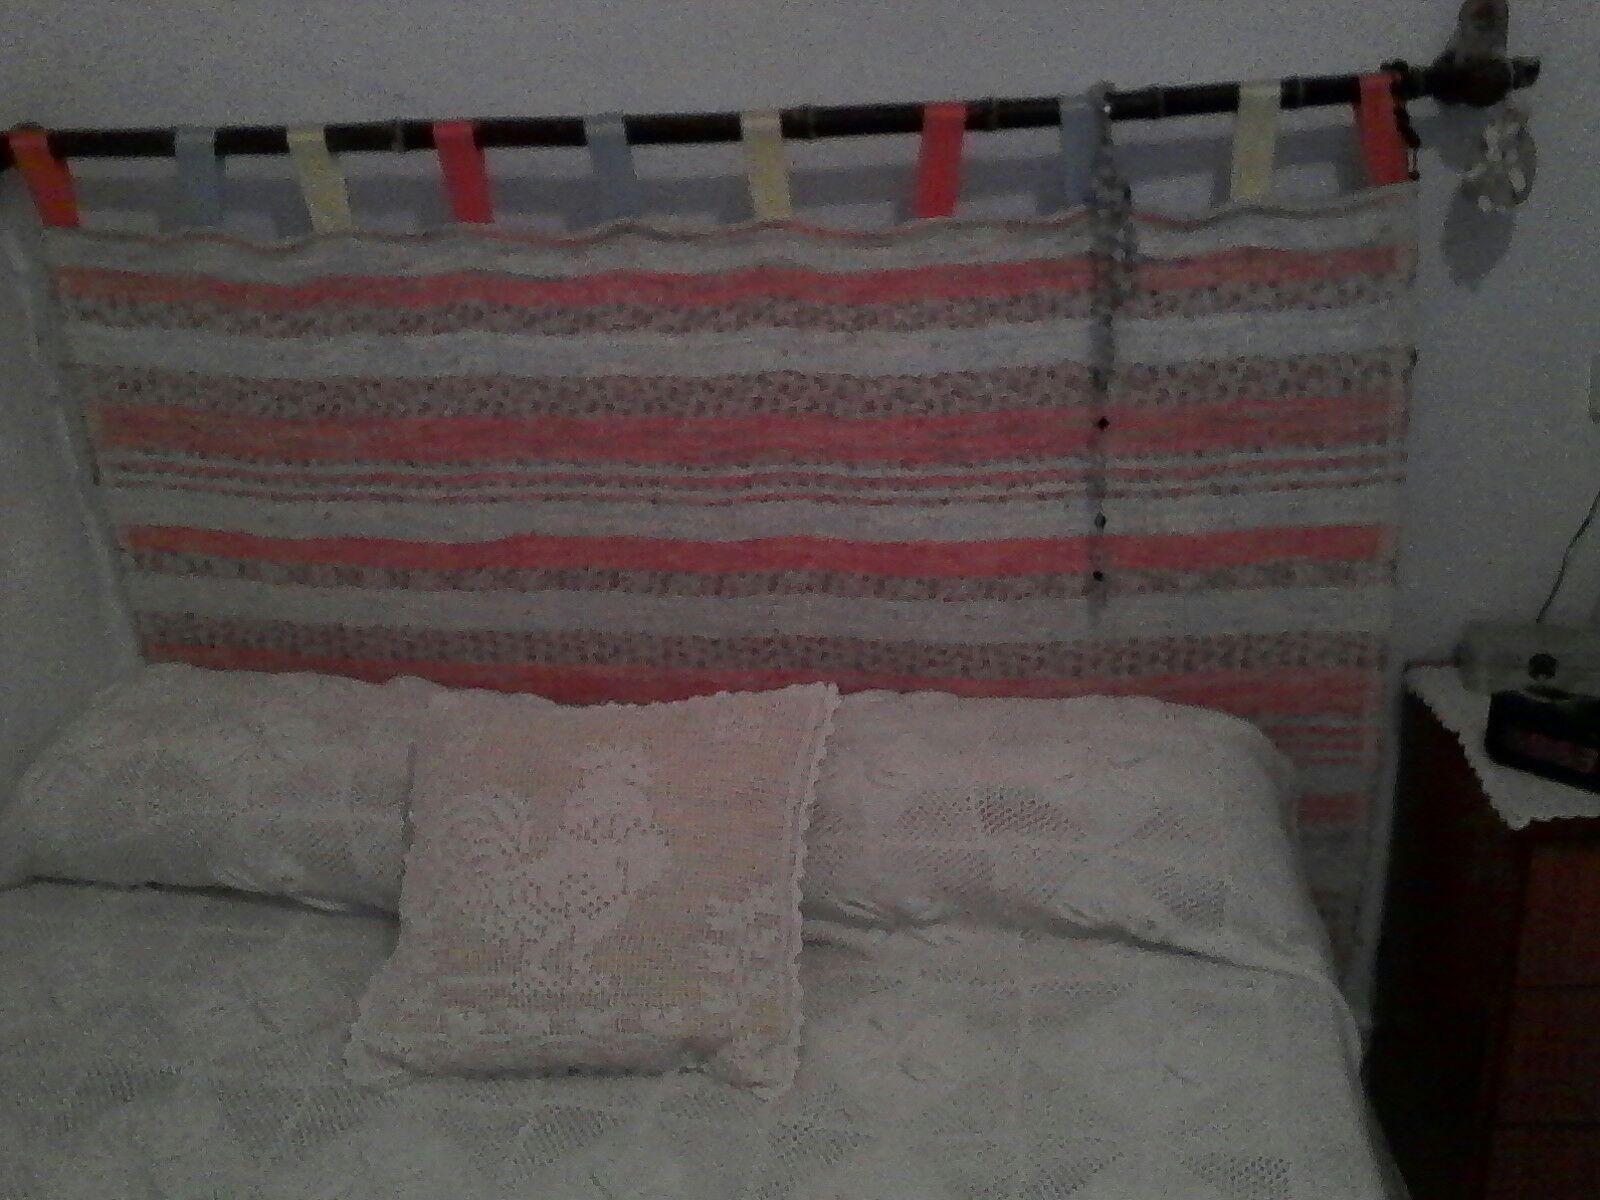 Jarapa multiusos de cabecero de cama